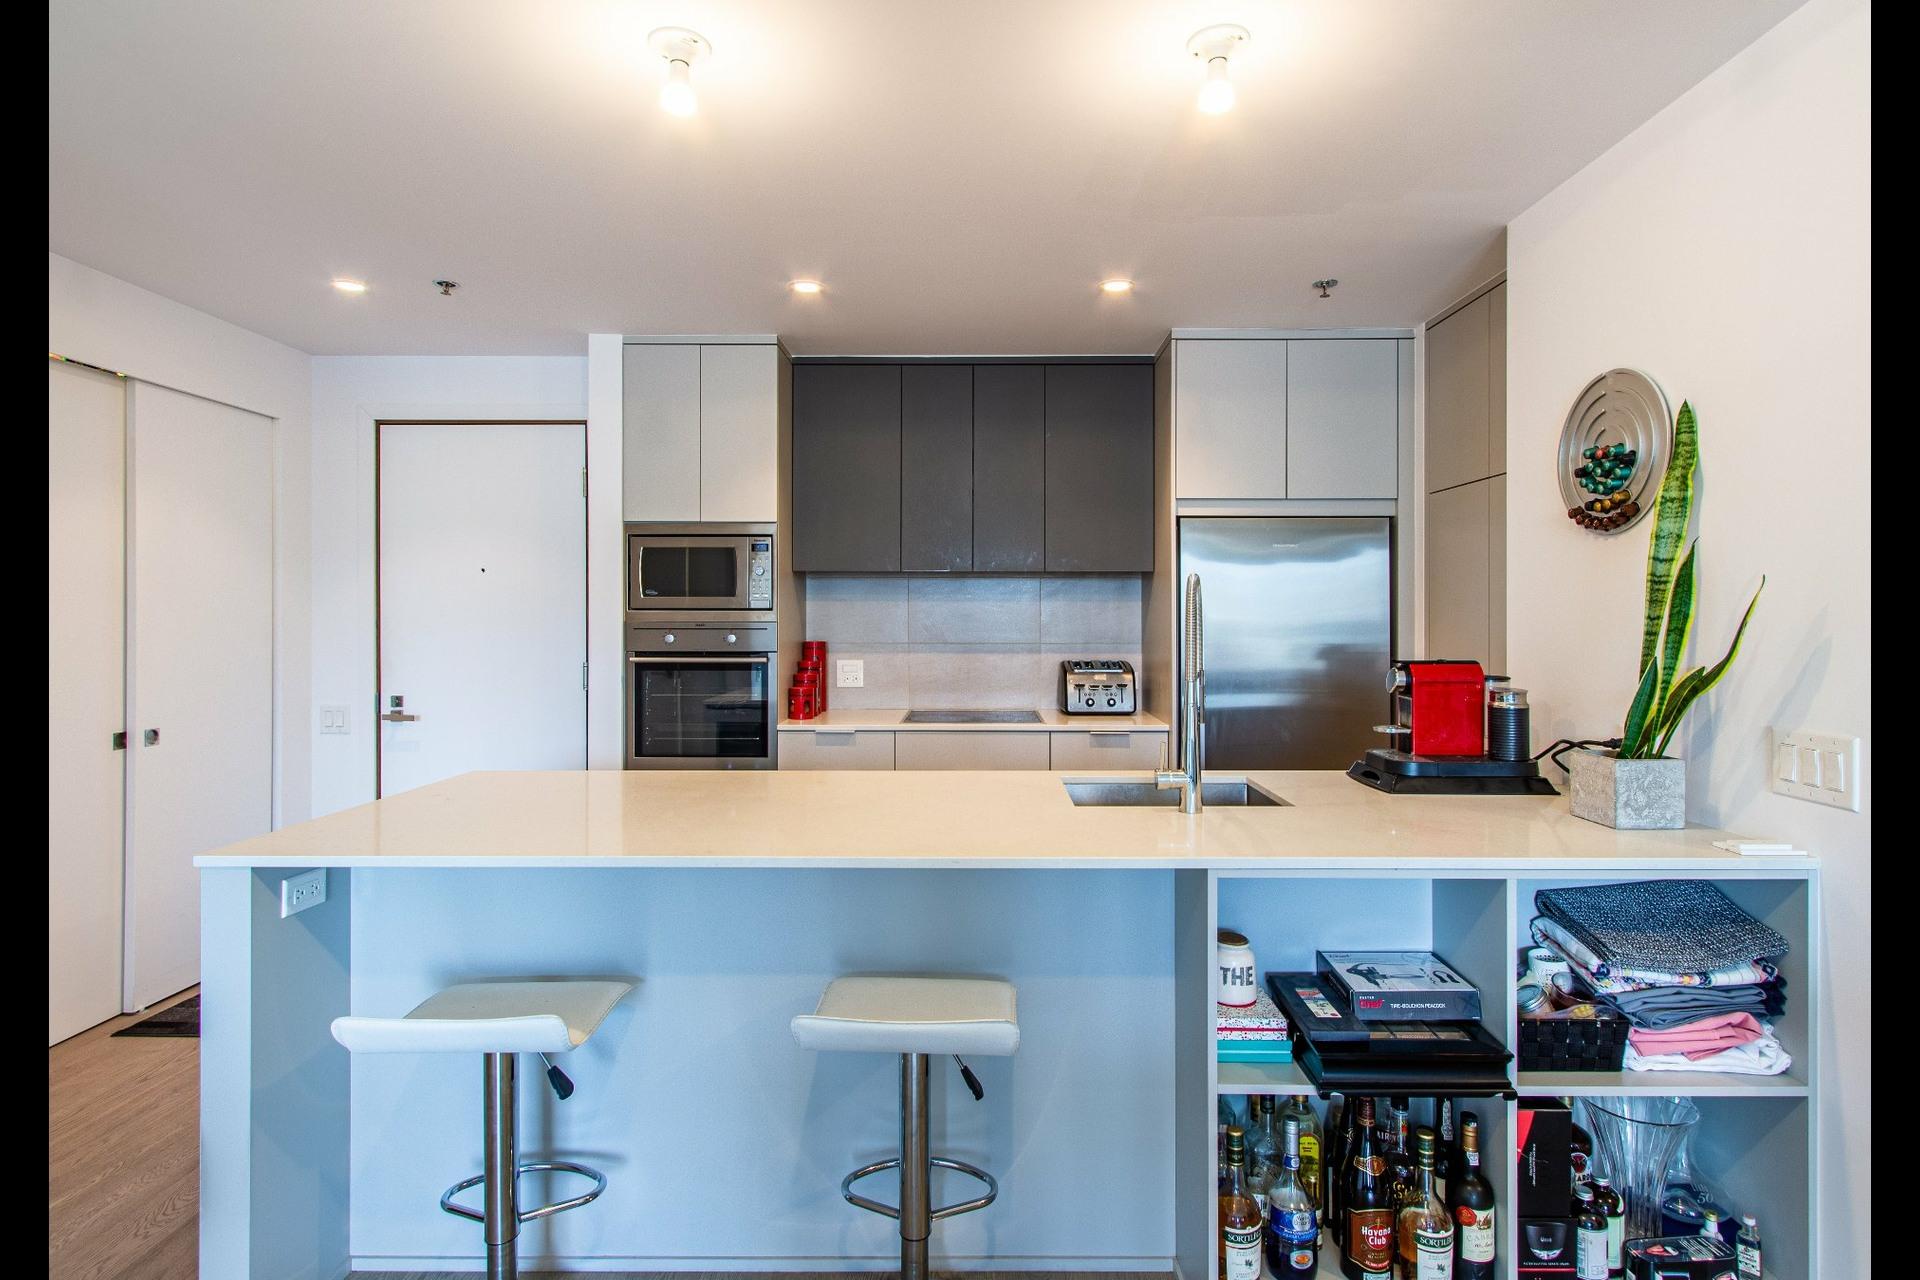 image 2 - Appartement À vendre Le Sud-Ouest Montréal  - 6 pièces